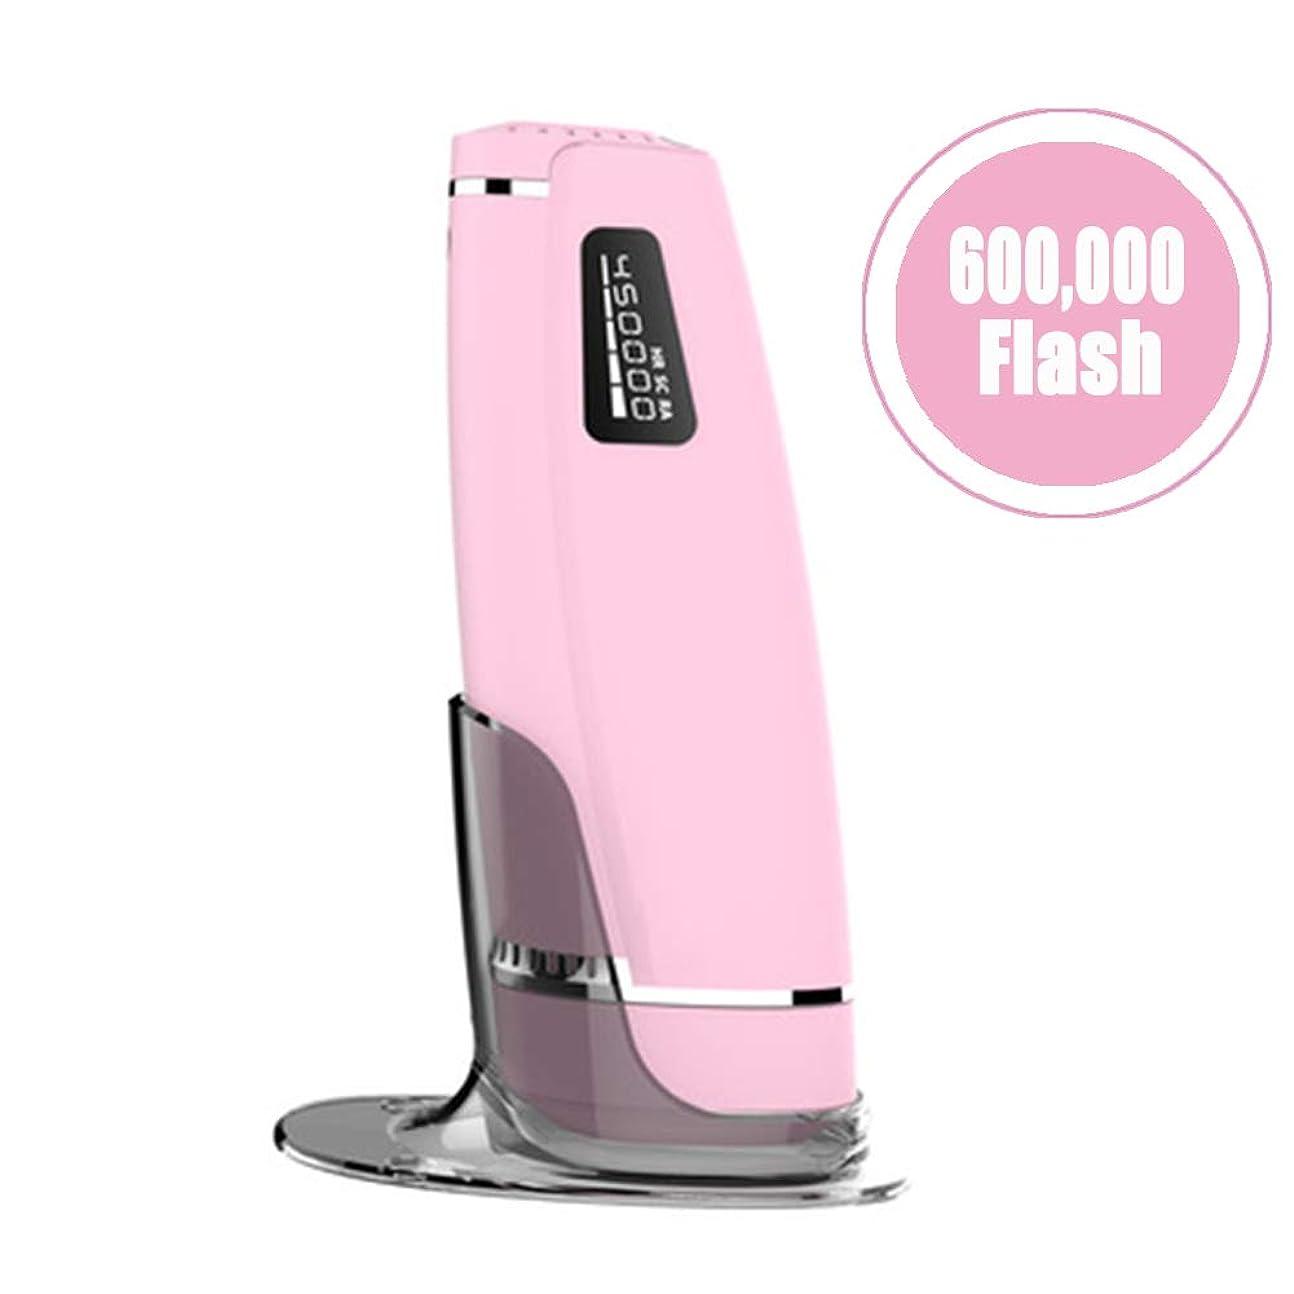 傾向家主穿孔するアップグレードIPLレーザー脱毛システムデバイス、60万回のフラッシュ無痛常設パルス光脱毛器にとってボディフェイス脇の下ビキニライン,Pink